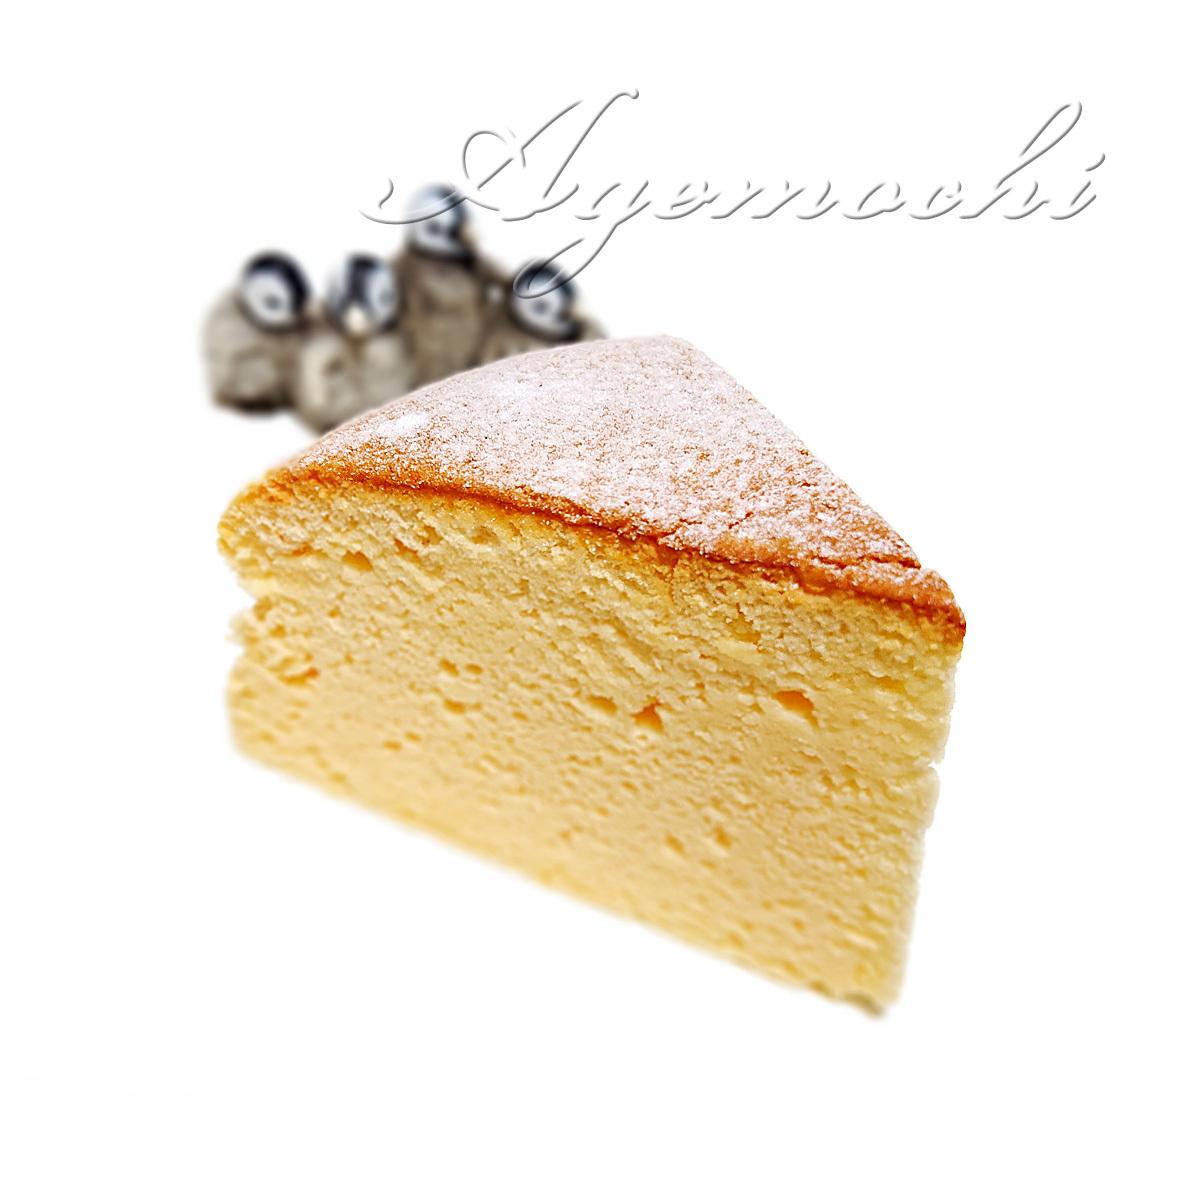 murana_cheese.jpg